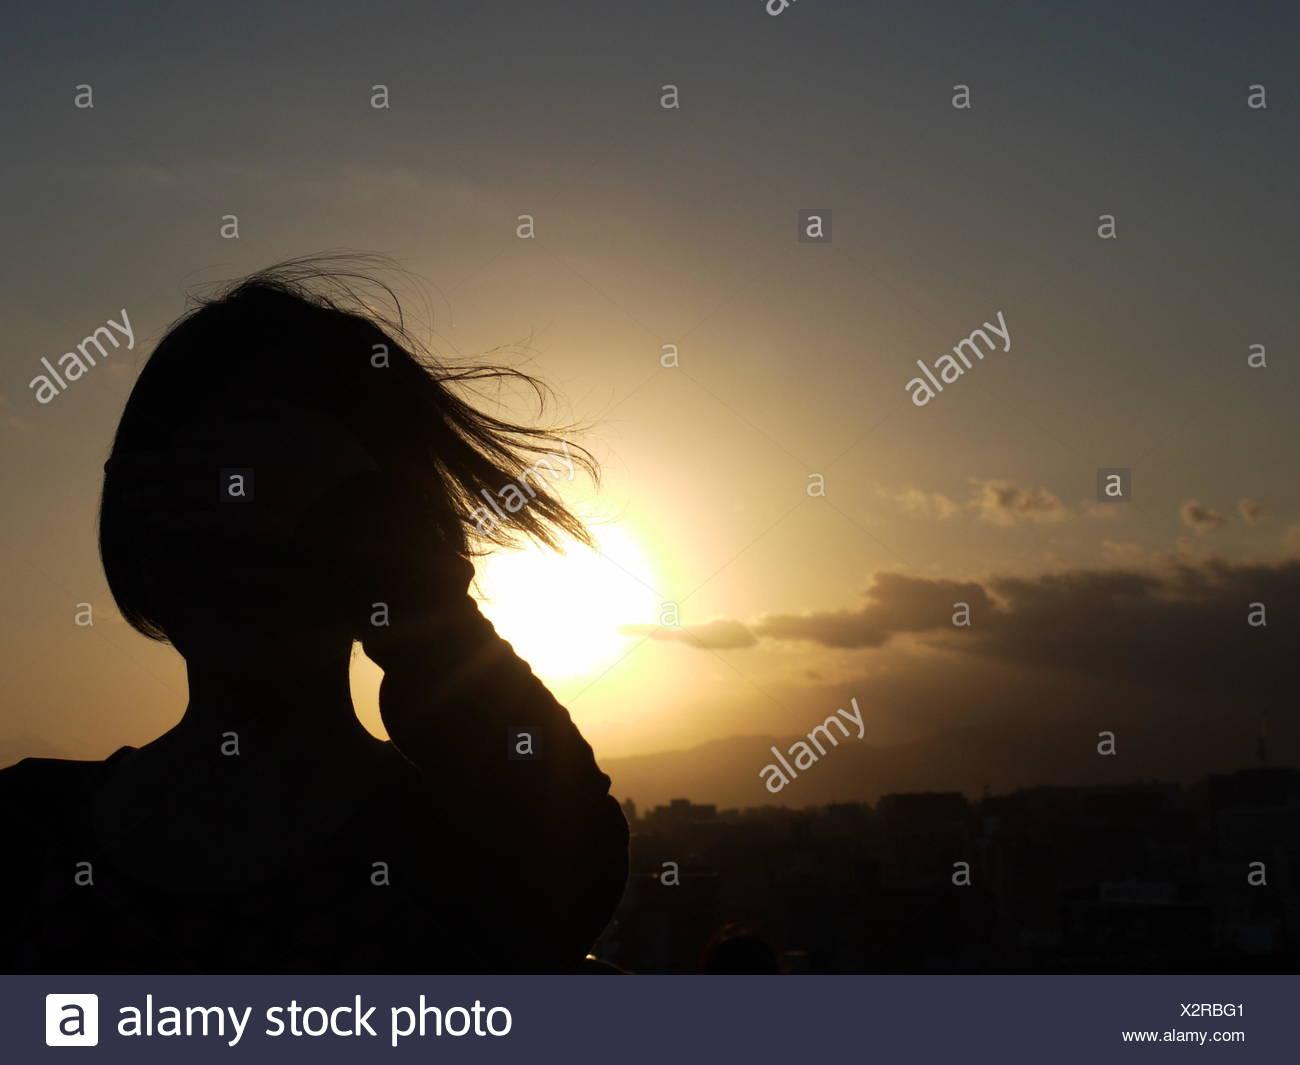 Rückansicht des Silhouette Frau gegen Himmel bei Sonnenuntergang Stockbild